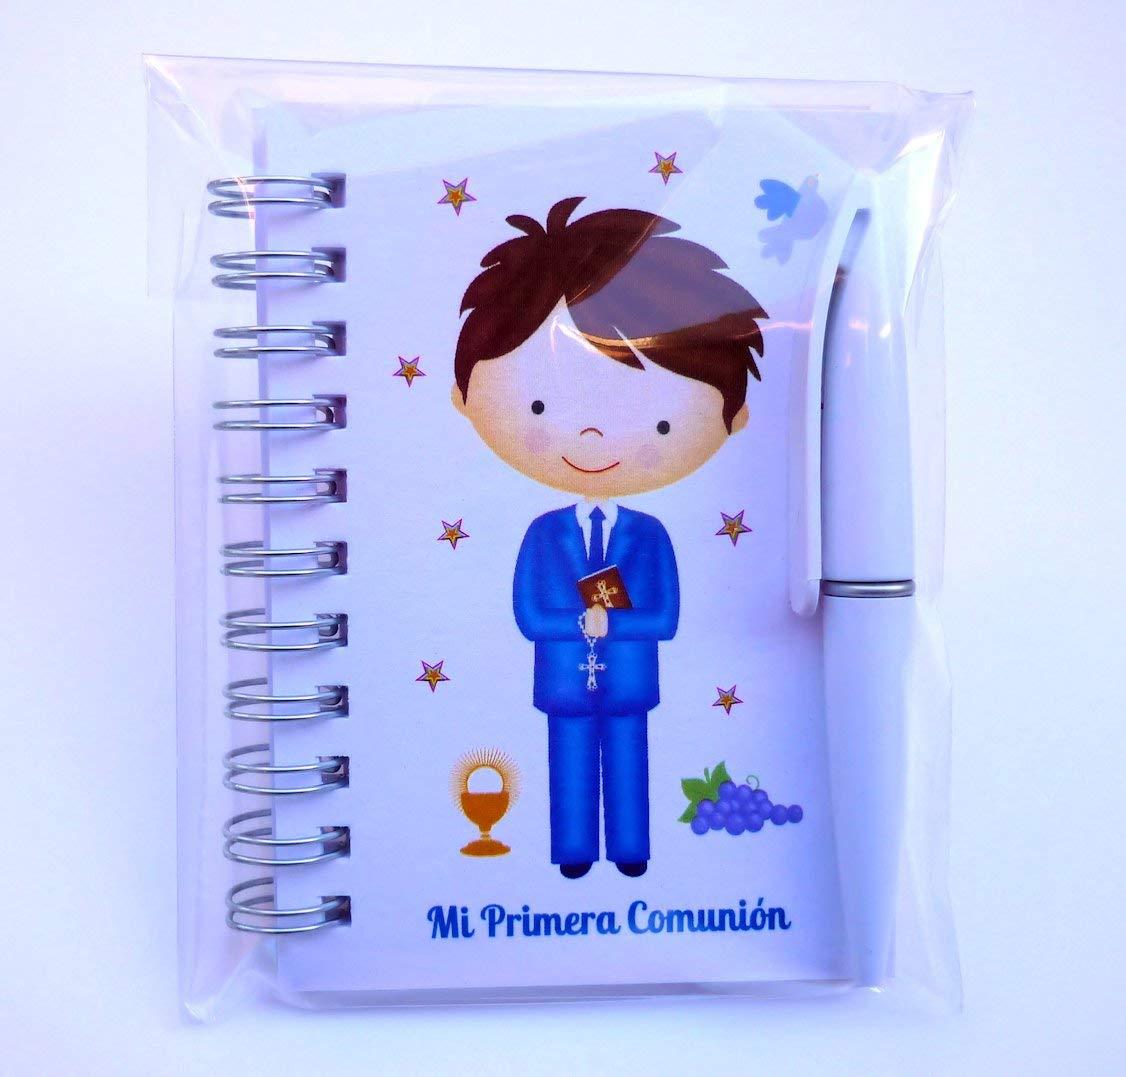 Detalles y Recuerdos de Comunión Para Invitados - Libretas con mini bolígrafo como Regalos de Primera Comunión Niño - Pack 30 unidades - ¡Sus Amiguitos ...